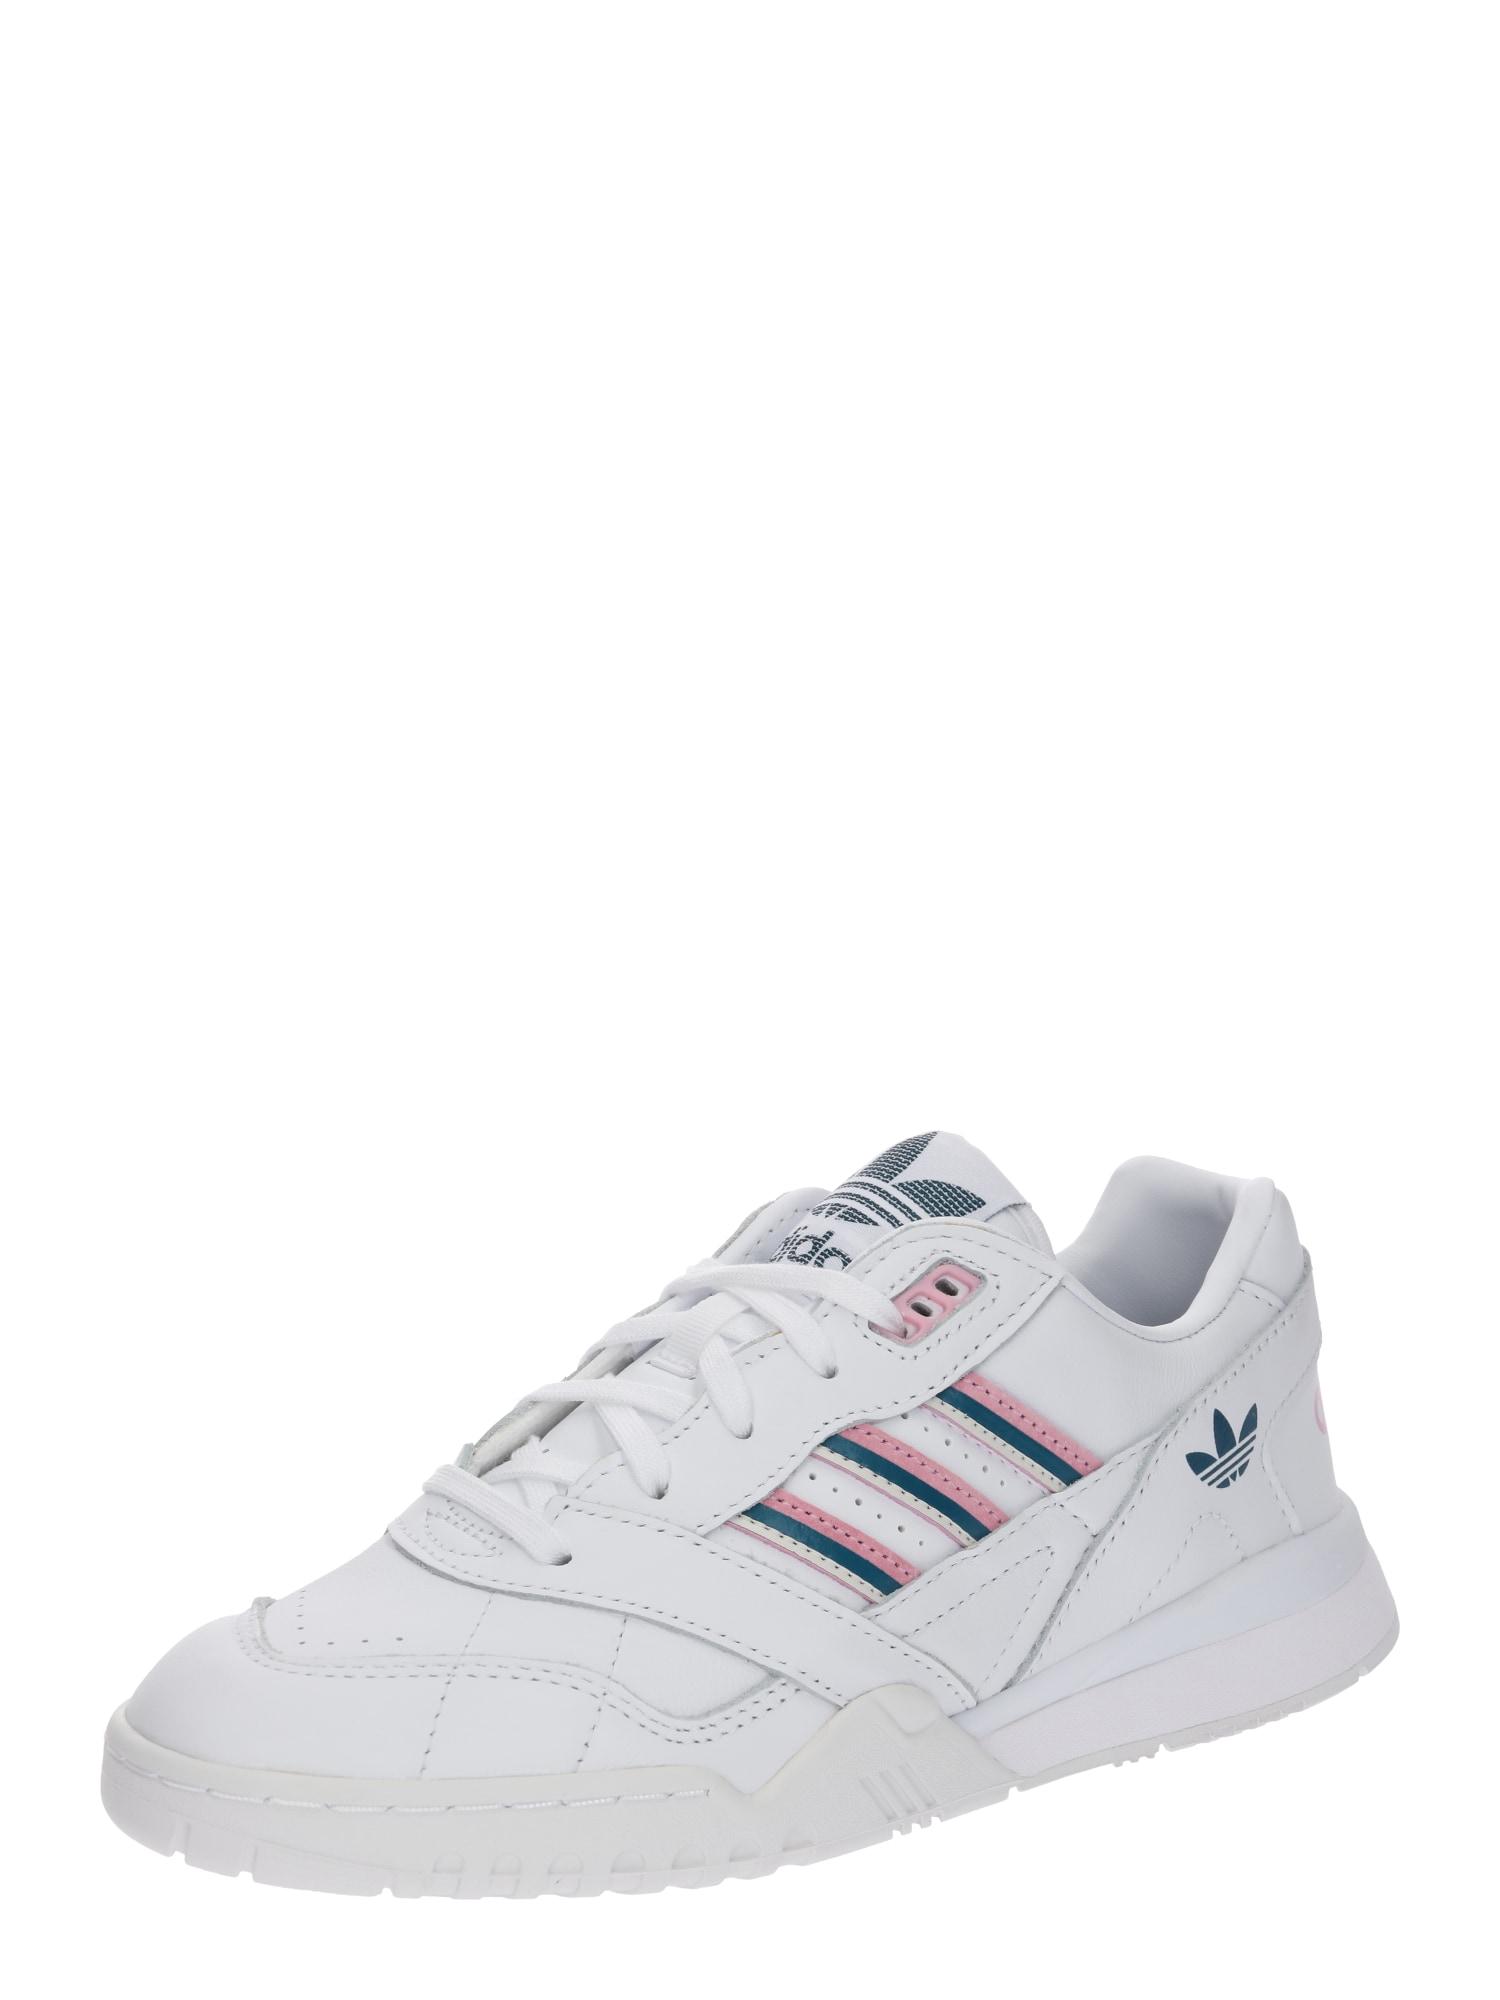 Tenisky A.R. Trainer růžová bílá ADIDAS ORIGINALS